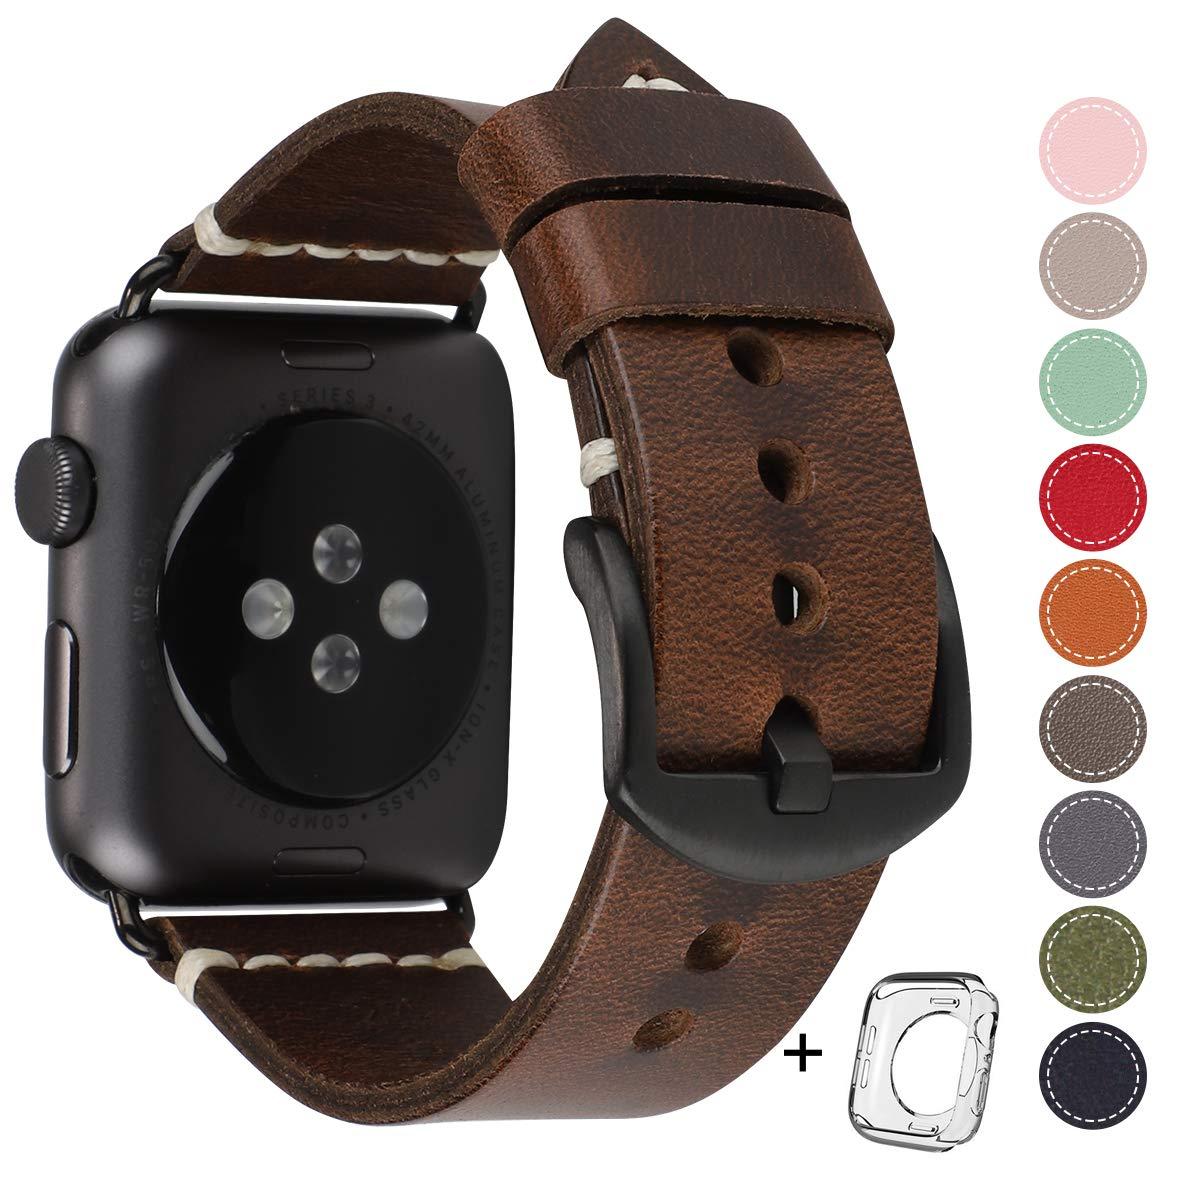 Malla Cuero Para Apple Watch (42/44mm) Hot [7r841z1y]